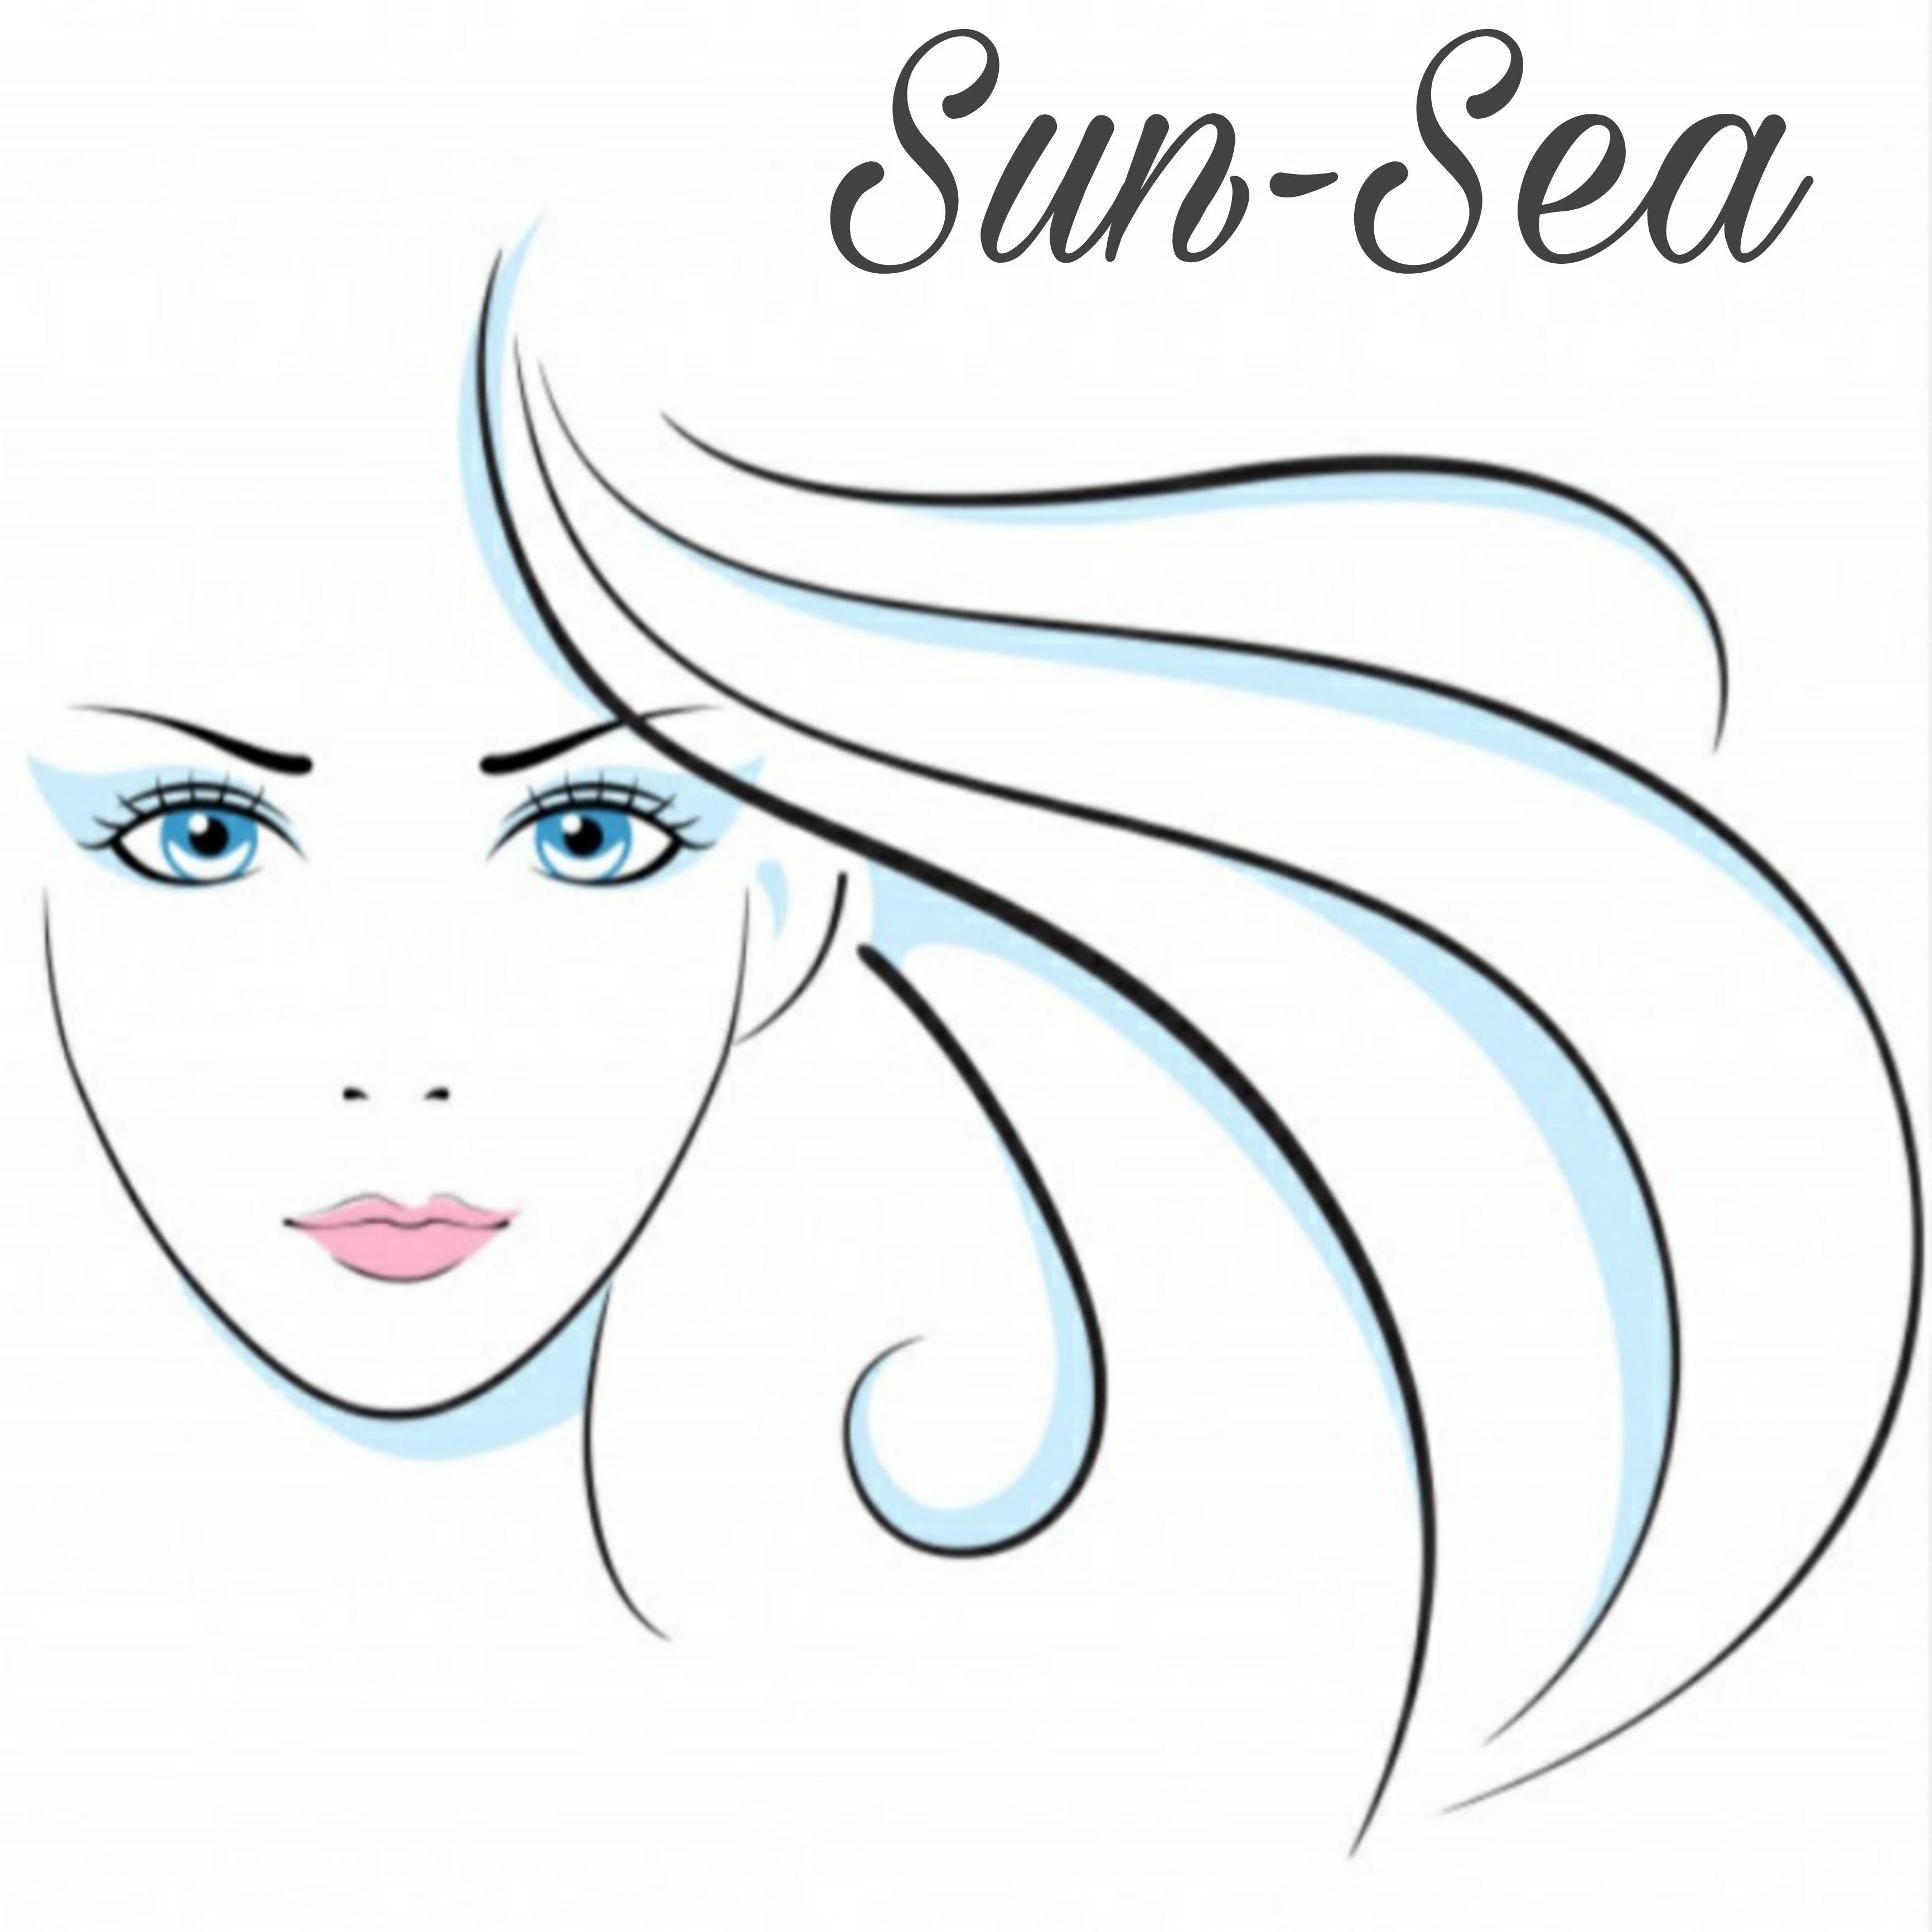 Ήλιος-Θάλασσα